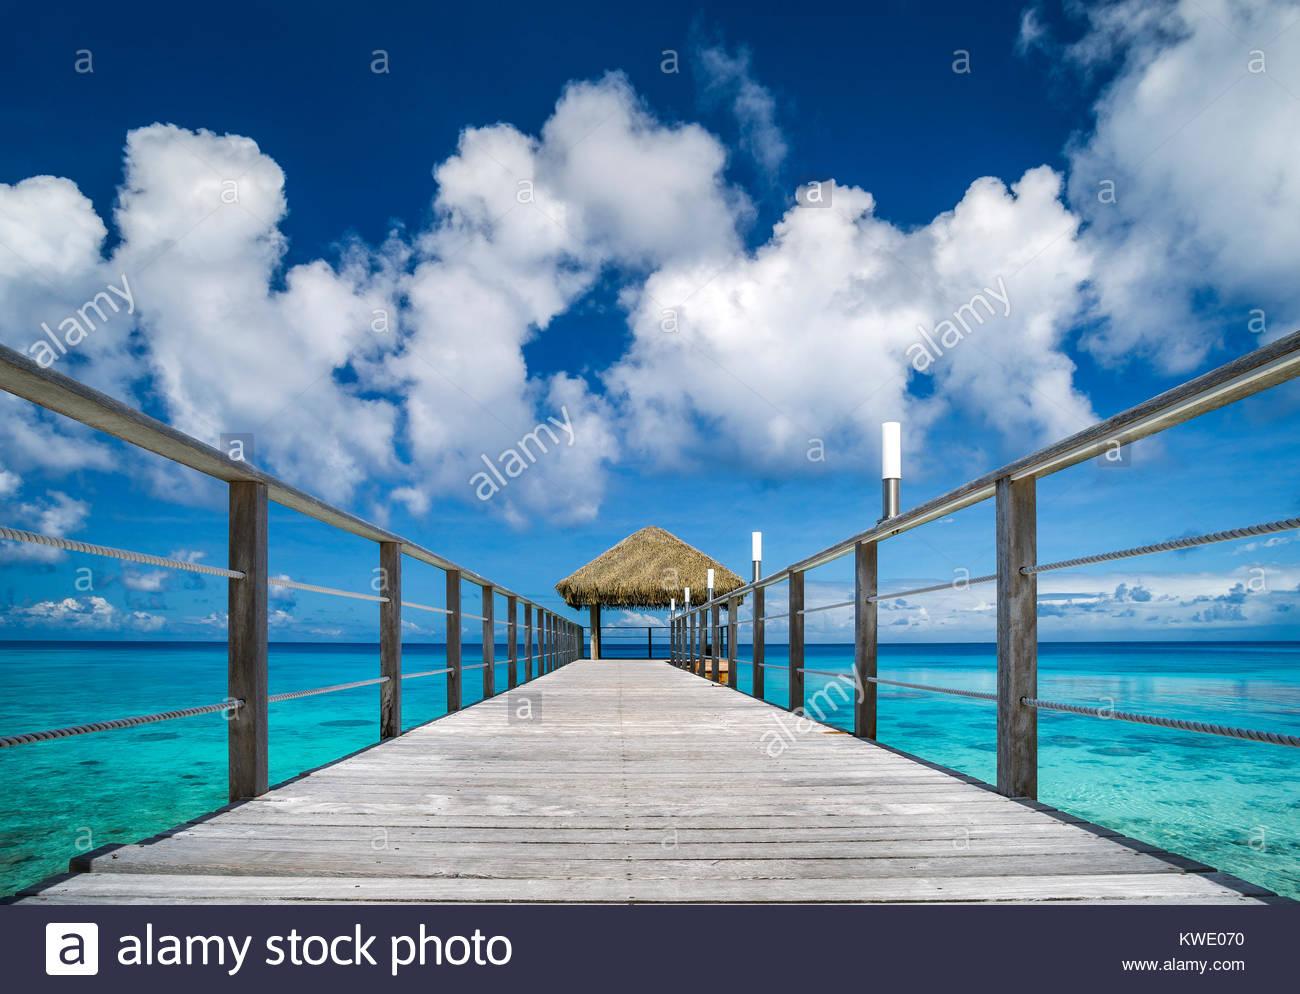 rangiroa-maitai-hotel-jetty-pier-over-th